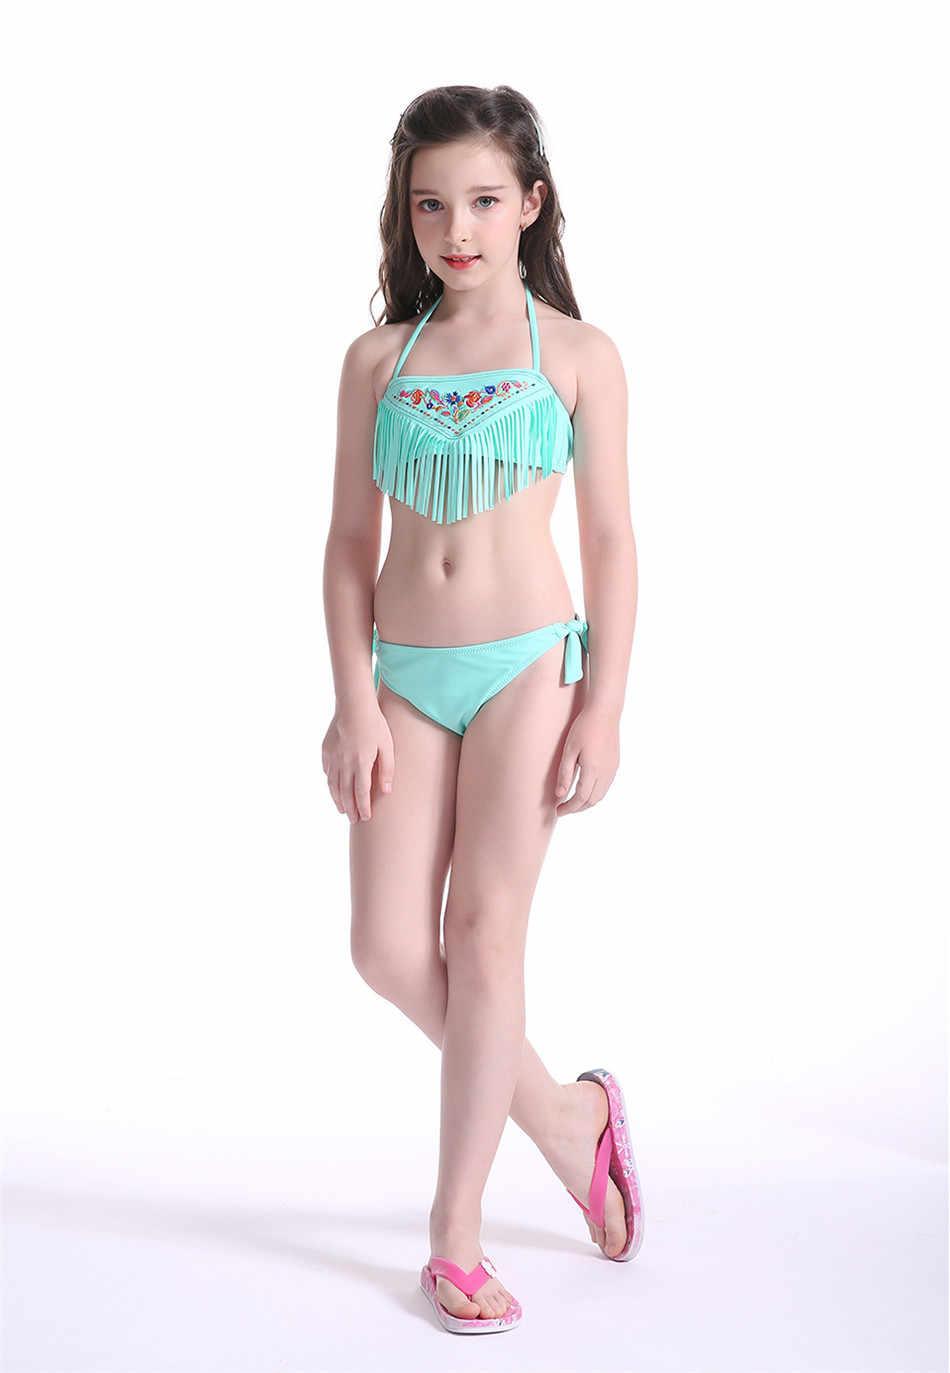 77f8a56bd20 New Kids bikinis mujer Children Swimsuit brazilian Summer Tassel Beachwear  Swimwear Girls Swimming Wear Bathing Suit modest